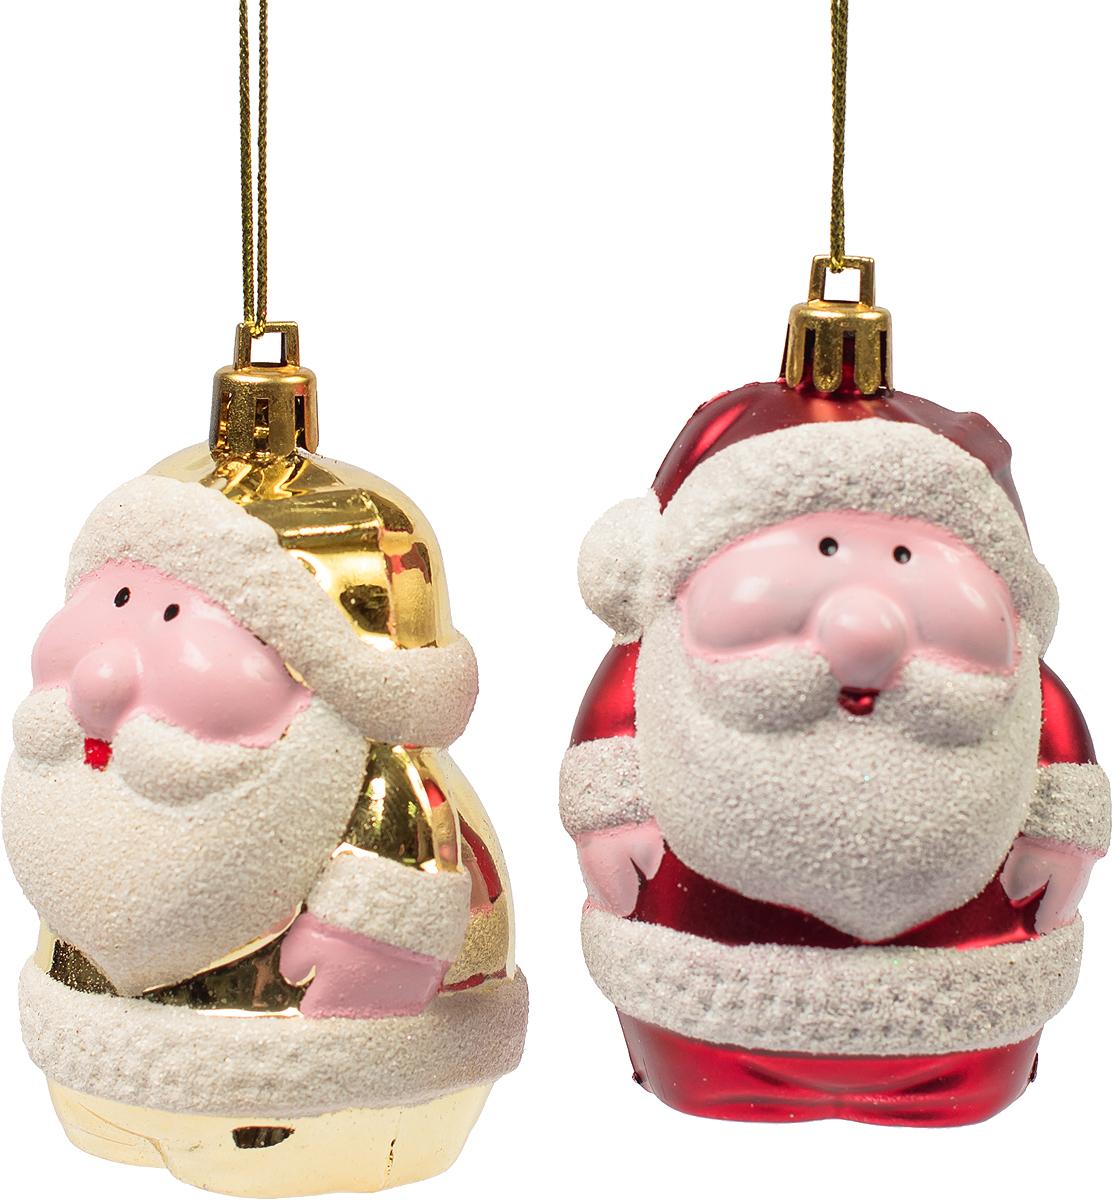 Украшение новогоднее подвесное Magic Time, 2 шт. 7544675446Новогоднее подвесное украшение, выполненное из пластика, в виде фигурки Деда Мороза. В наборе 2 шт.